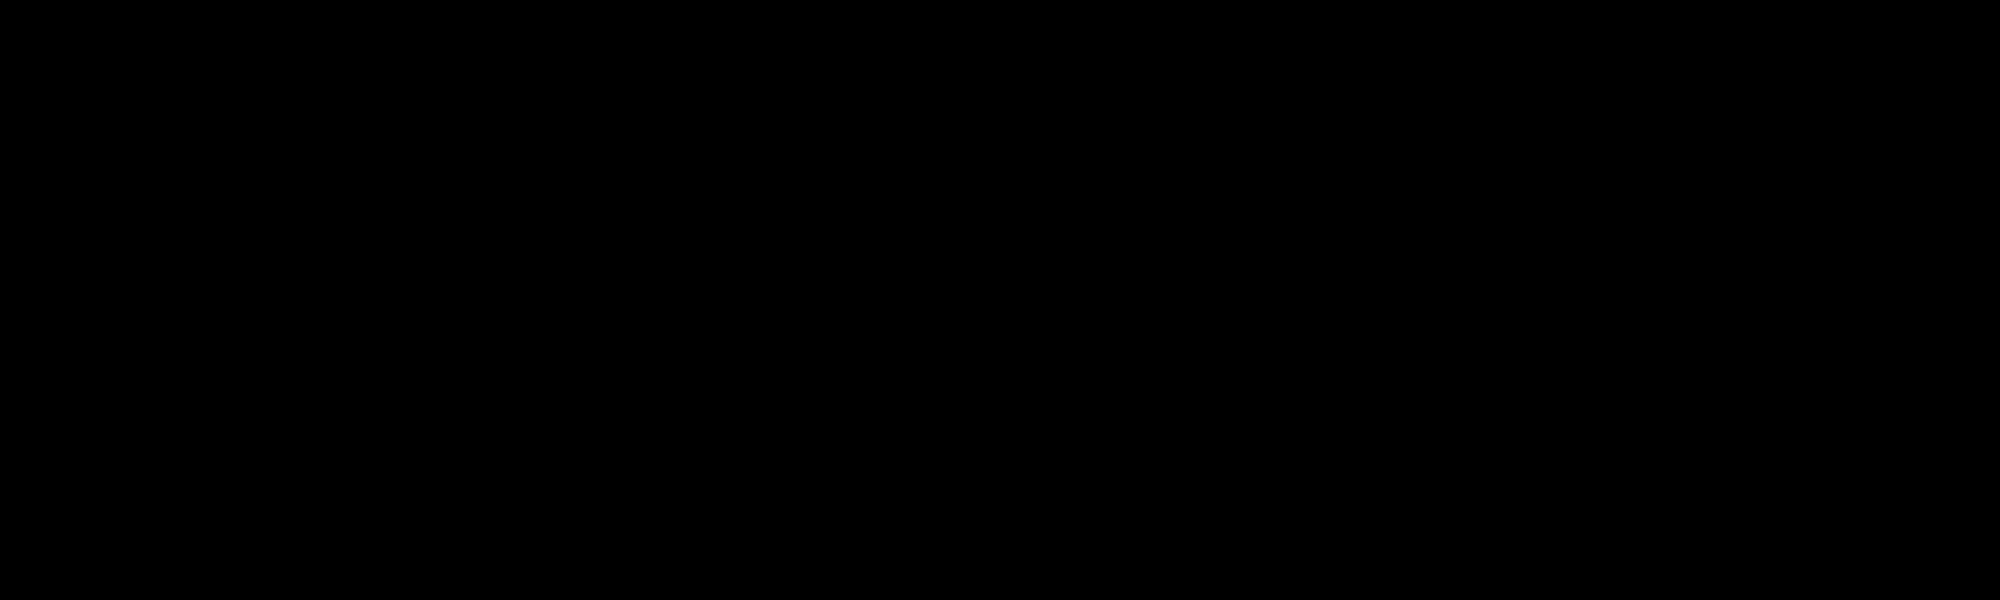 Wukmir HVAC